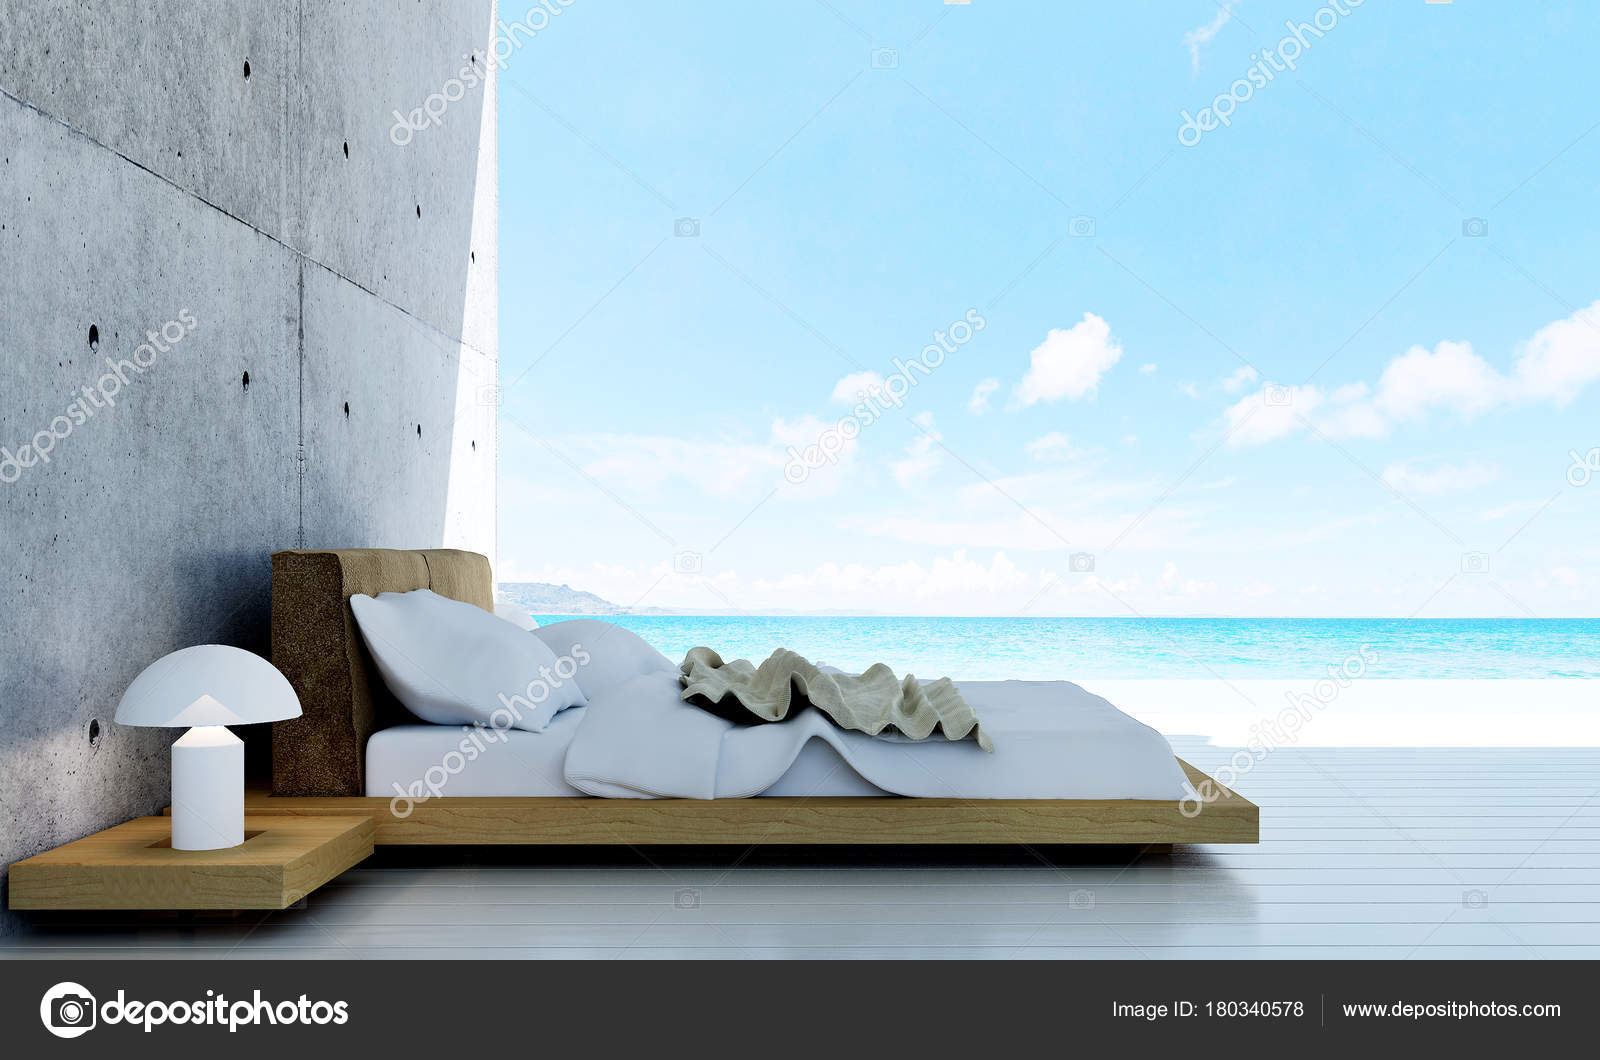 Concept Idée Design Intérieur Chambre Coucher Moderne Mur Béton ...